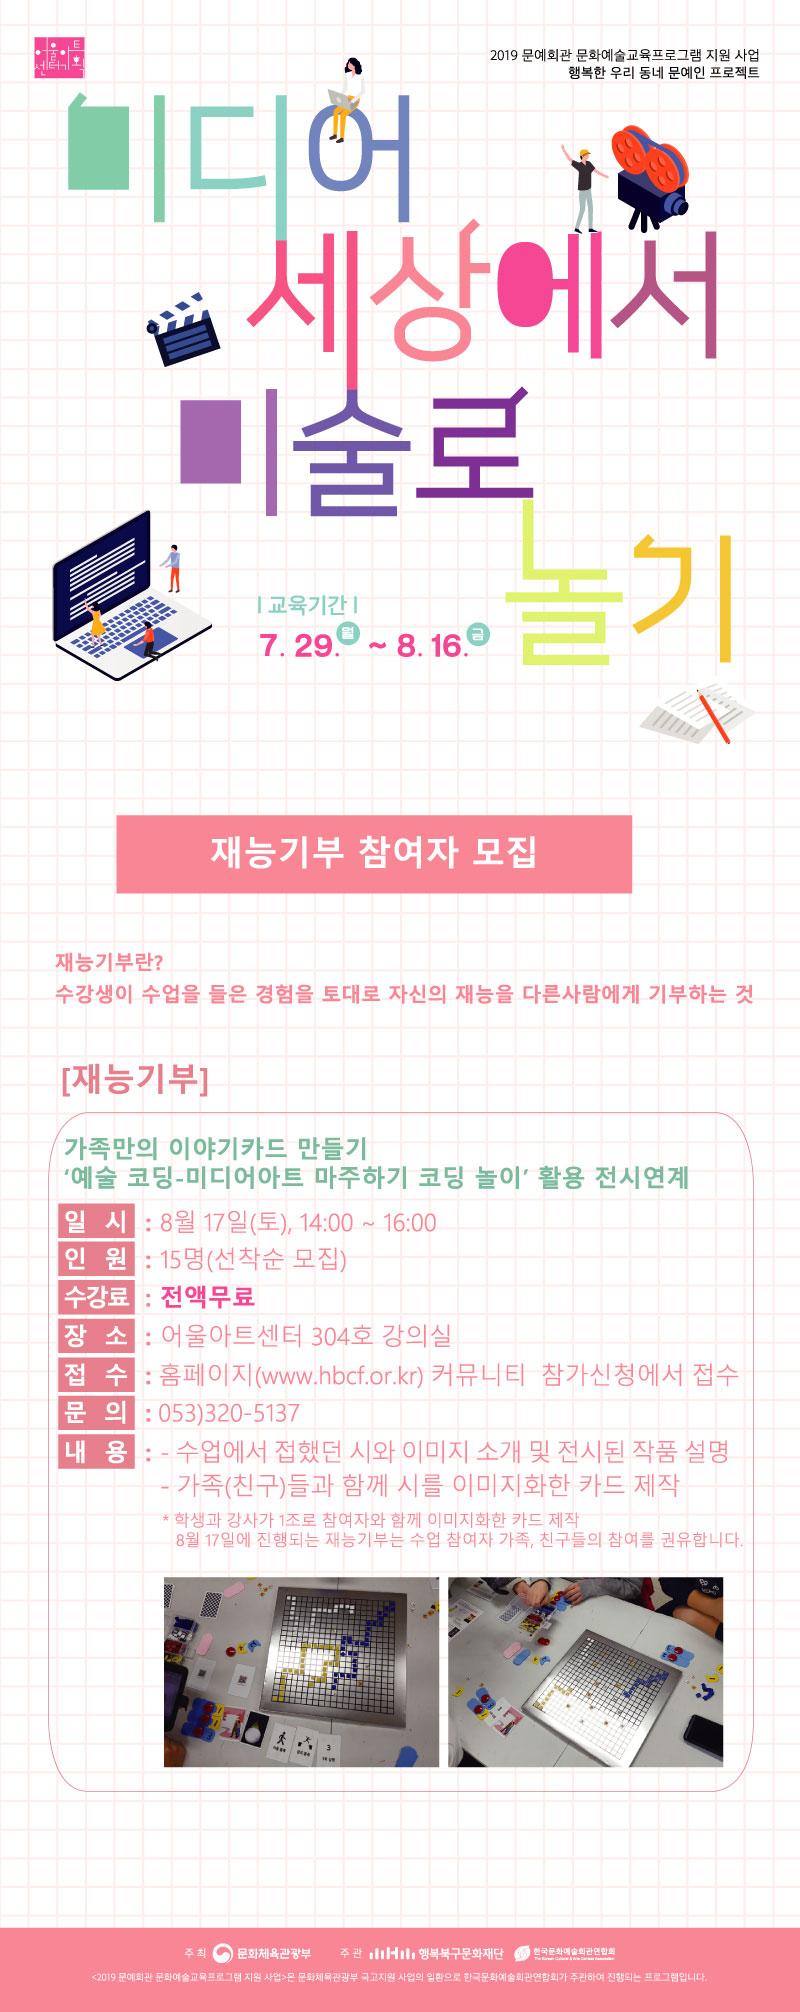 미디어-재능기부-안내이미지(8월17일)(글자깬거).jpg